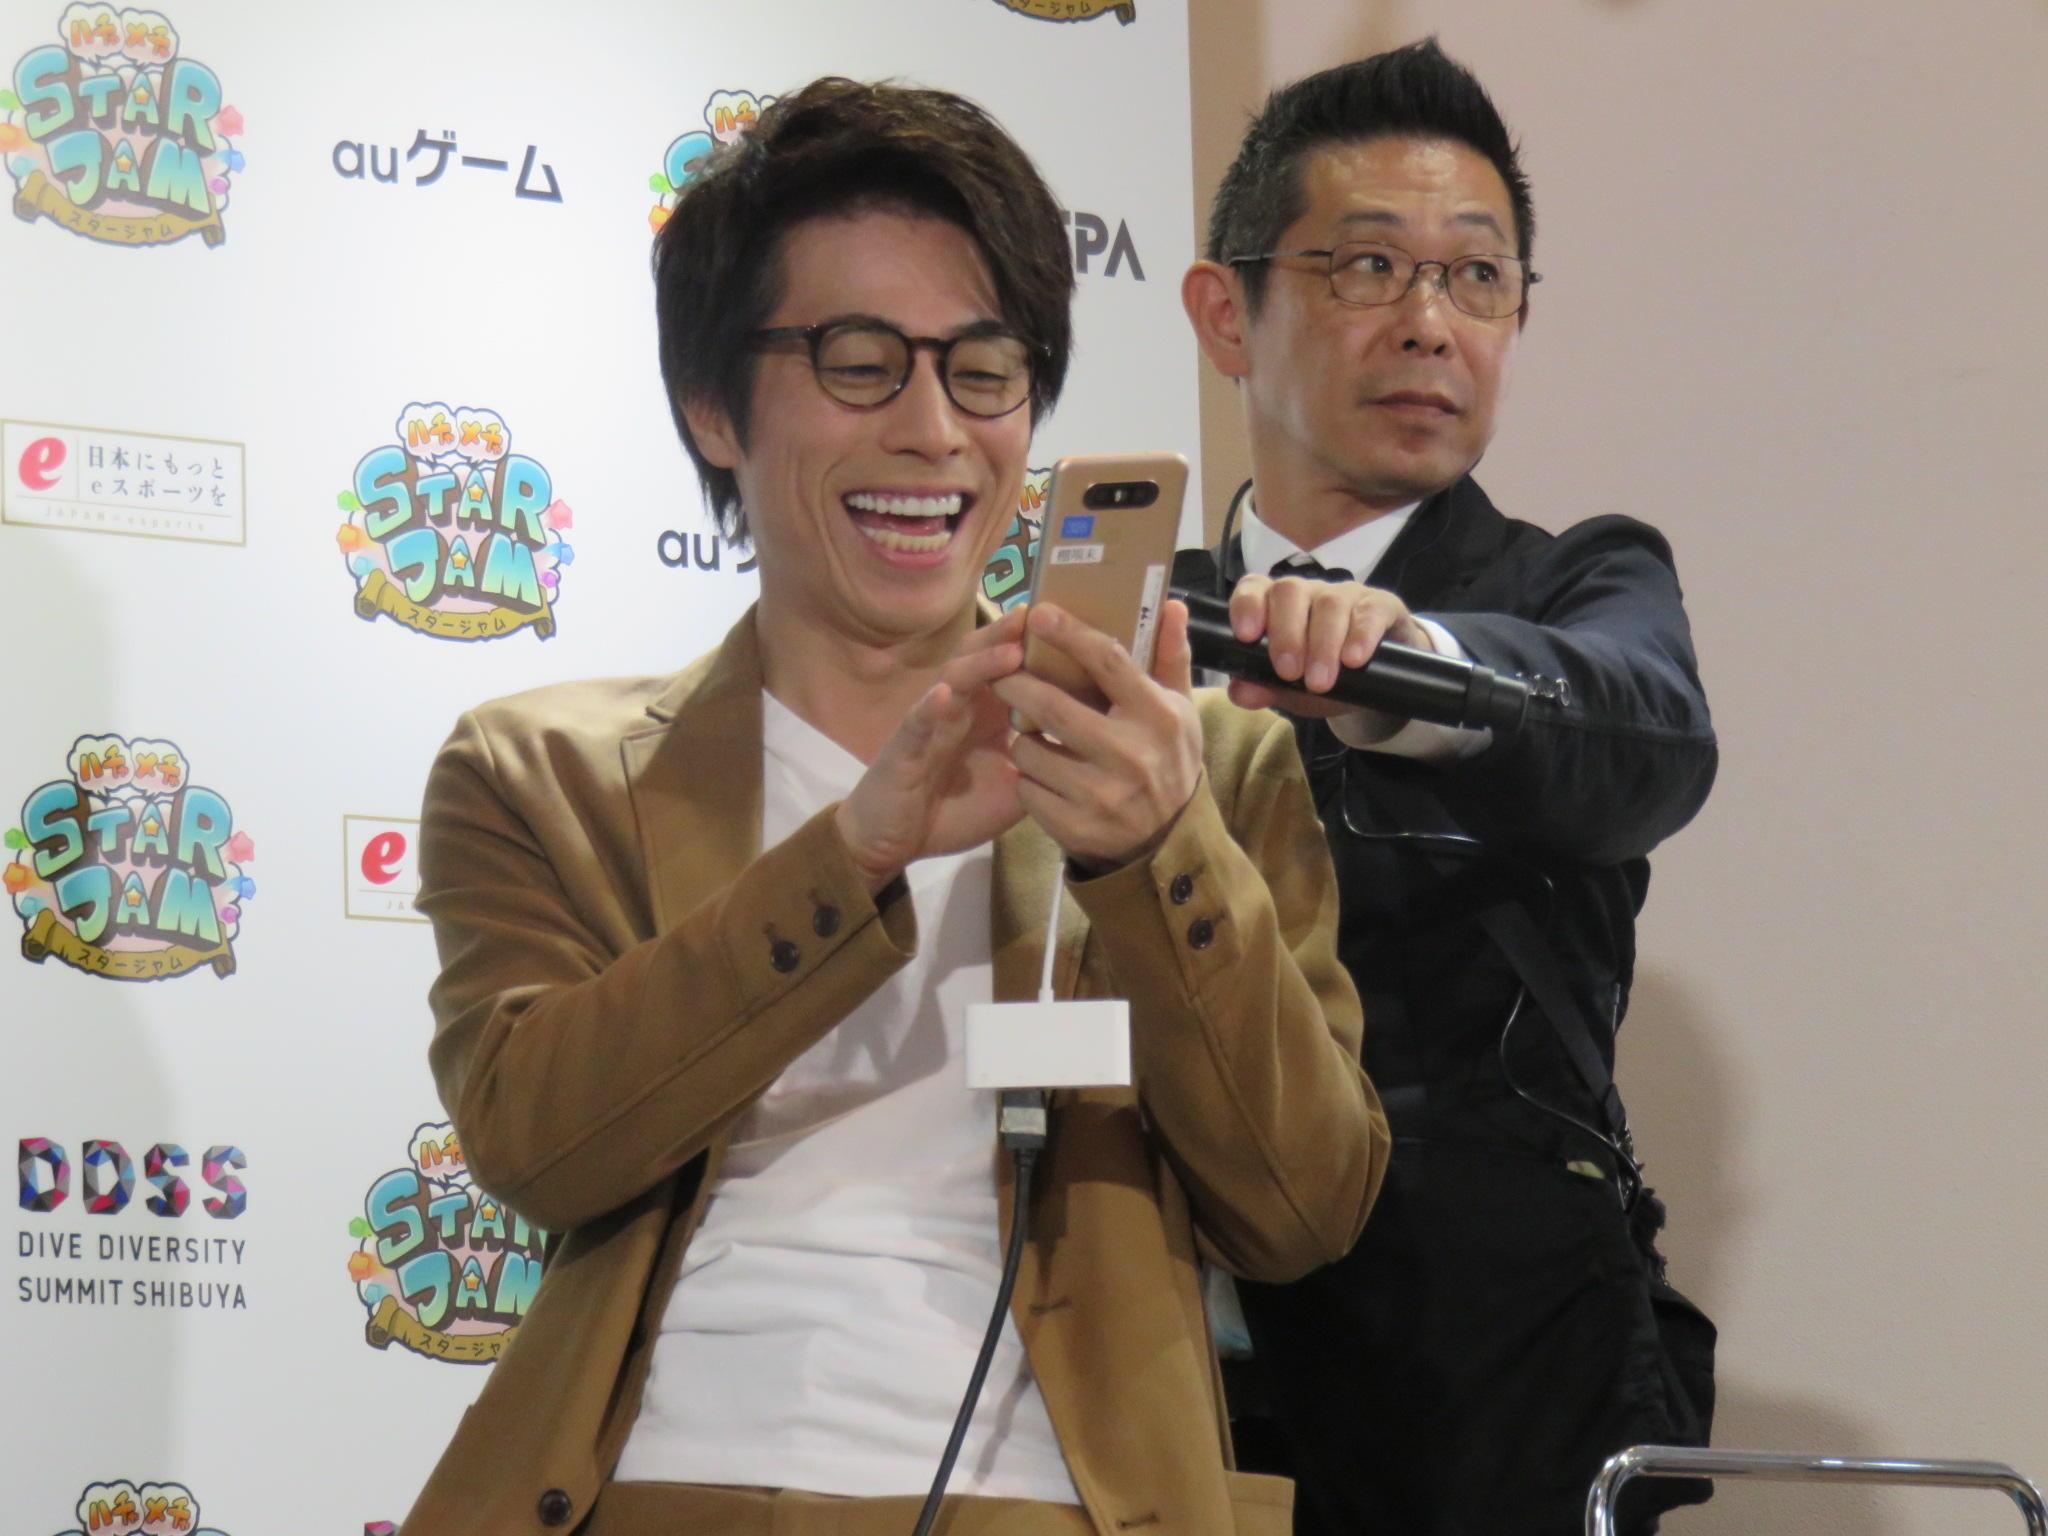 http://news.yoshimoto.co.jp/20171112005325-01fe62ad8ad9befd630319a300d397c1875e4b25.jpg